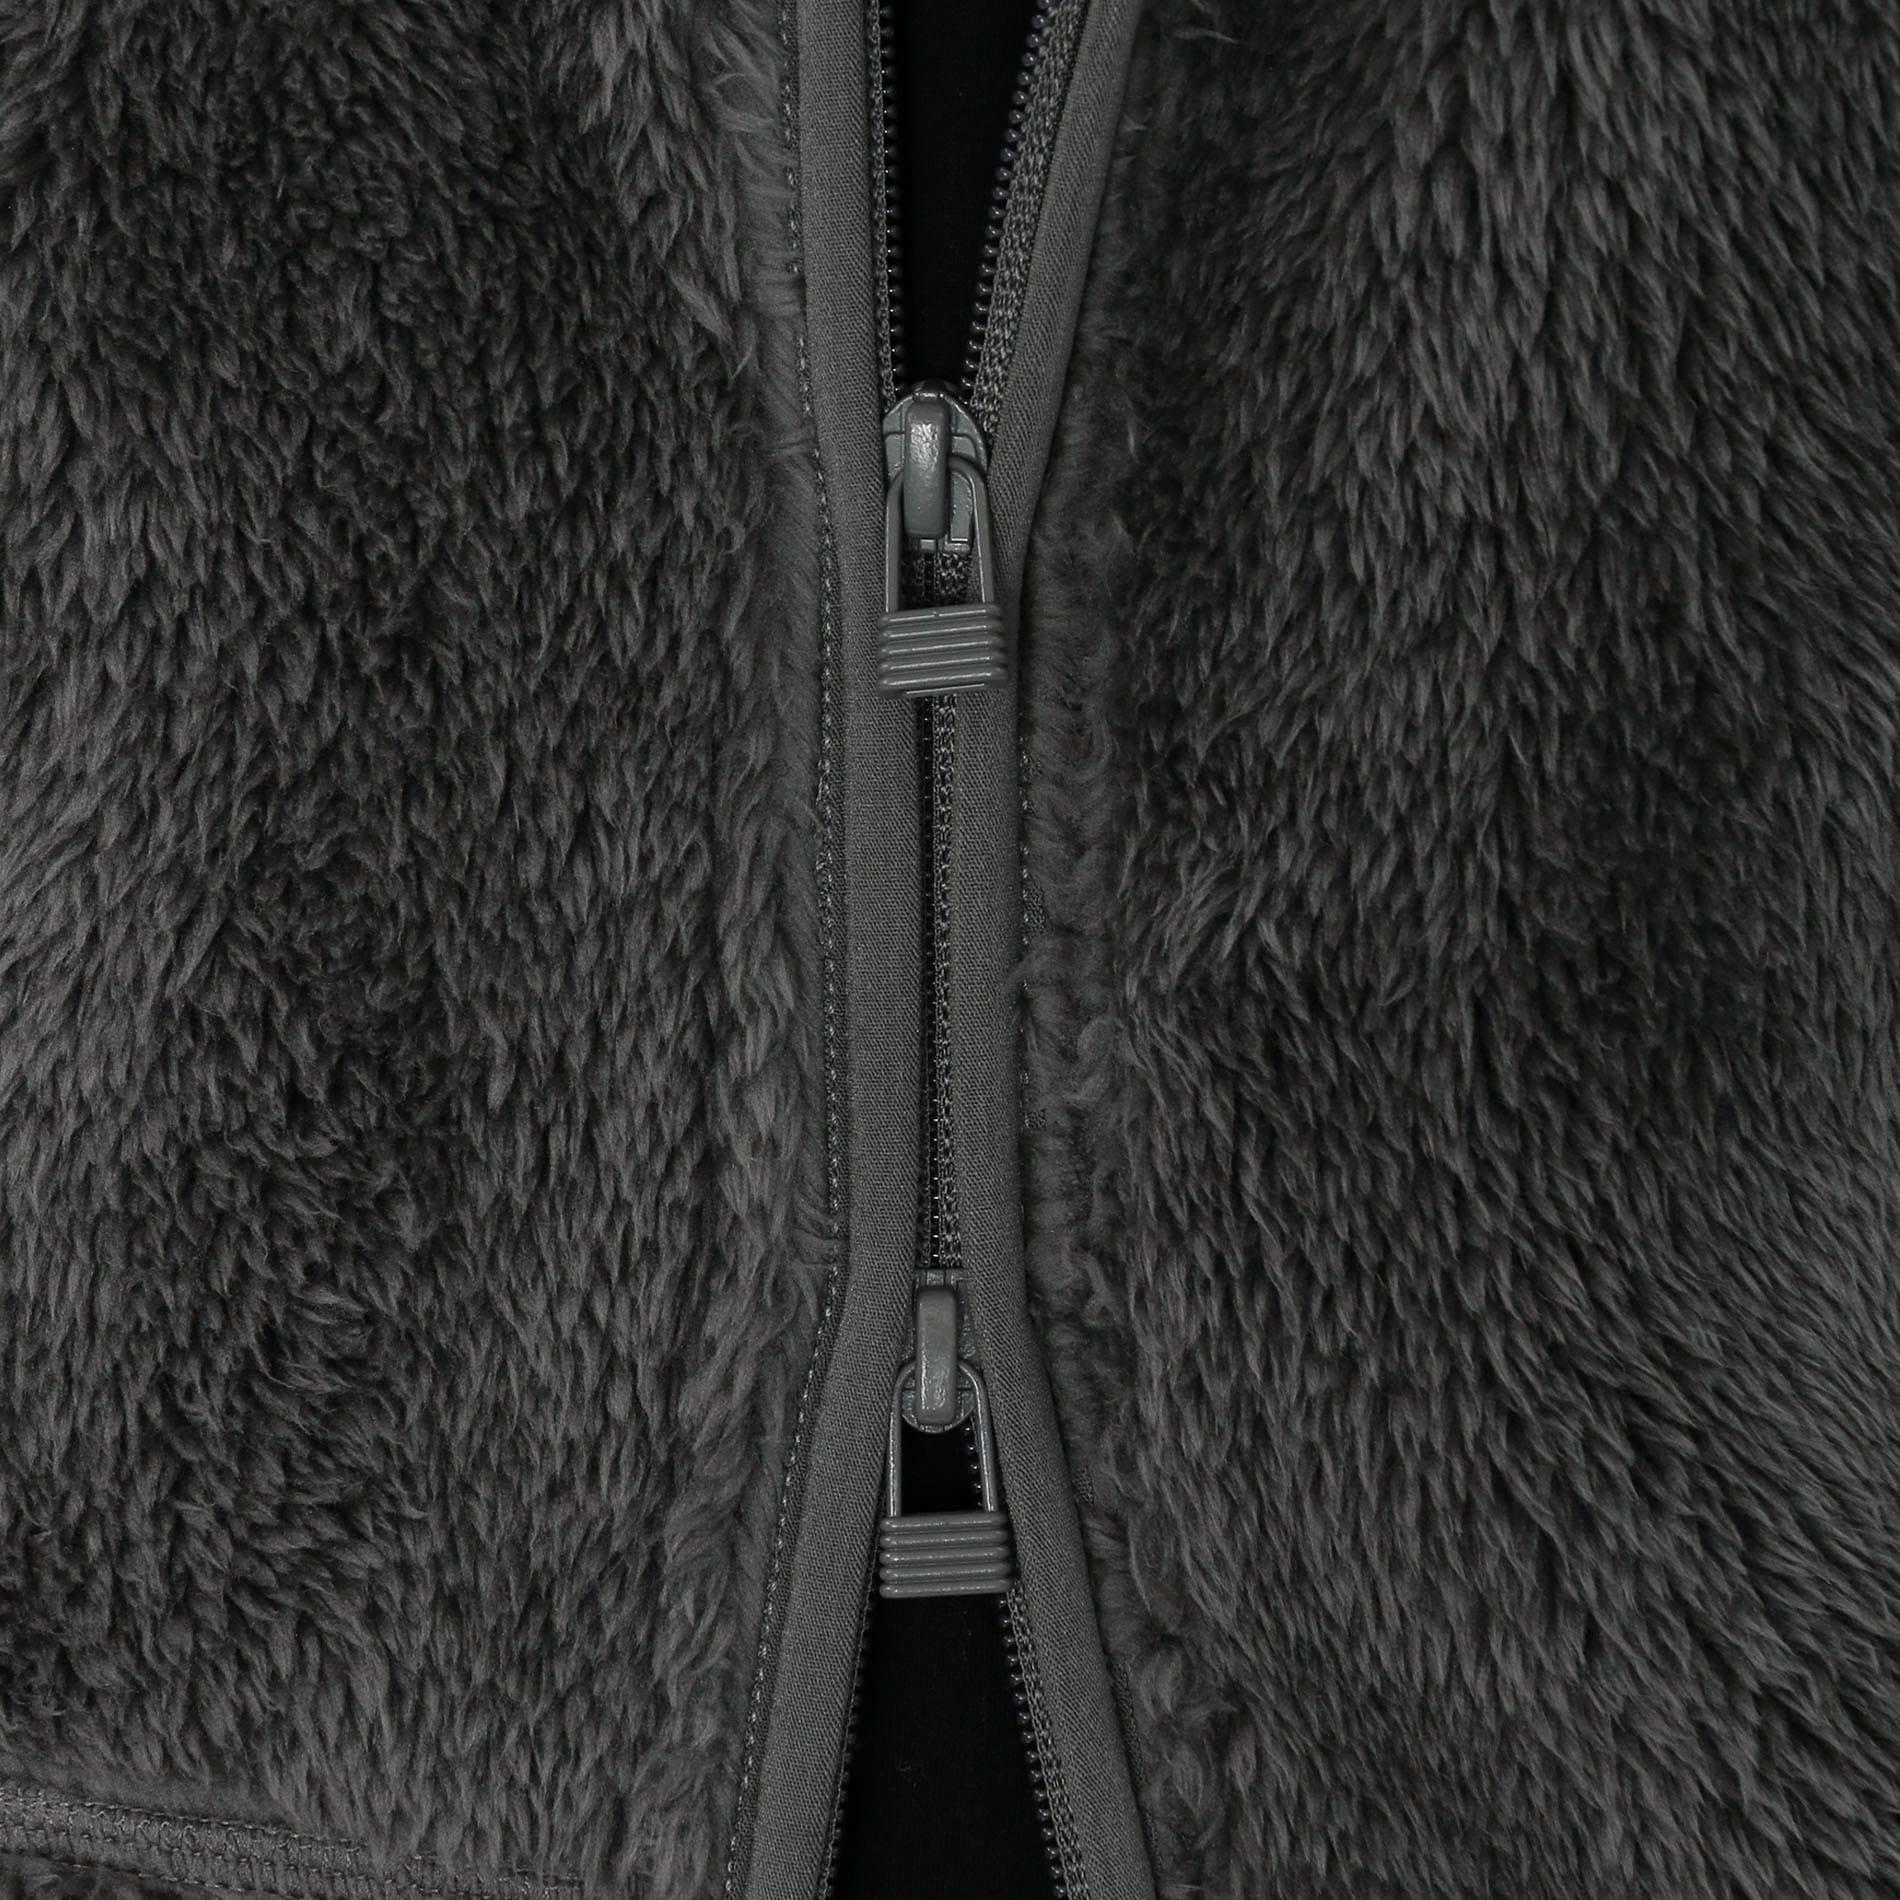 【予約販売】【Champion×LOVELESS/GUILD PRIME】シェルパフリース フルジップ ジャケット